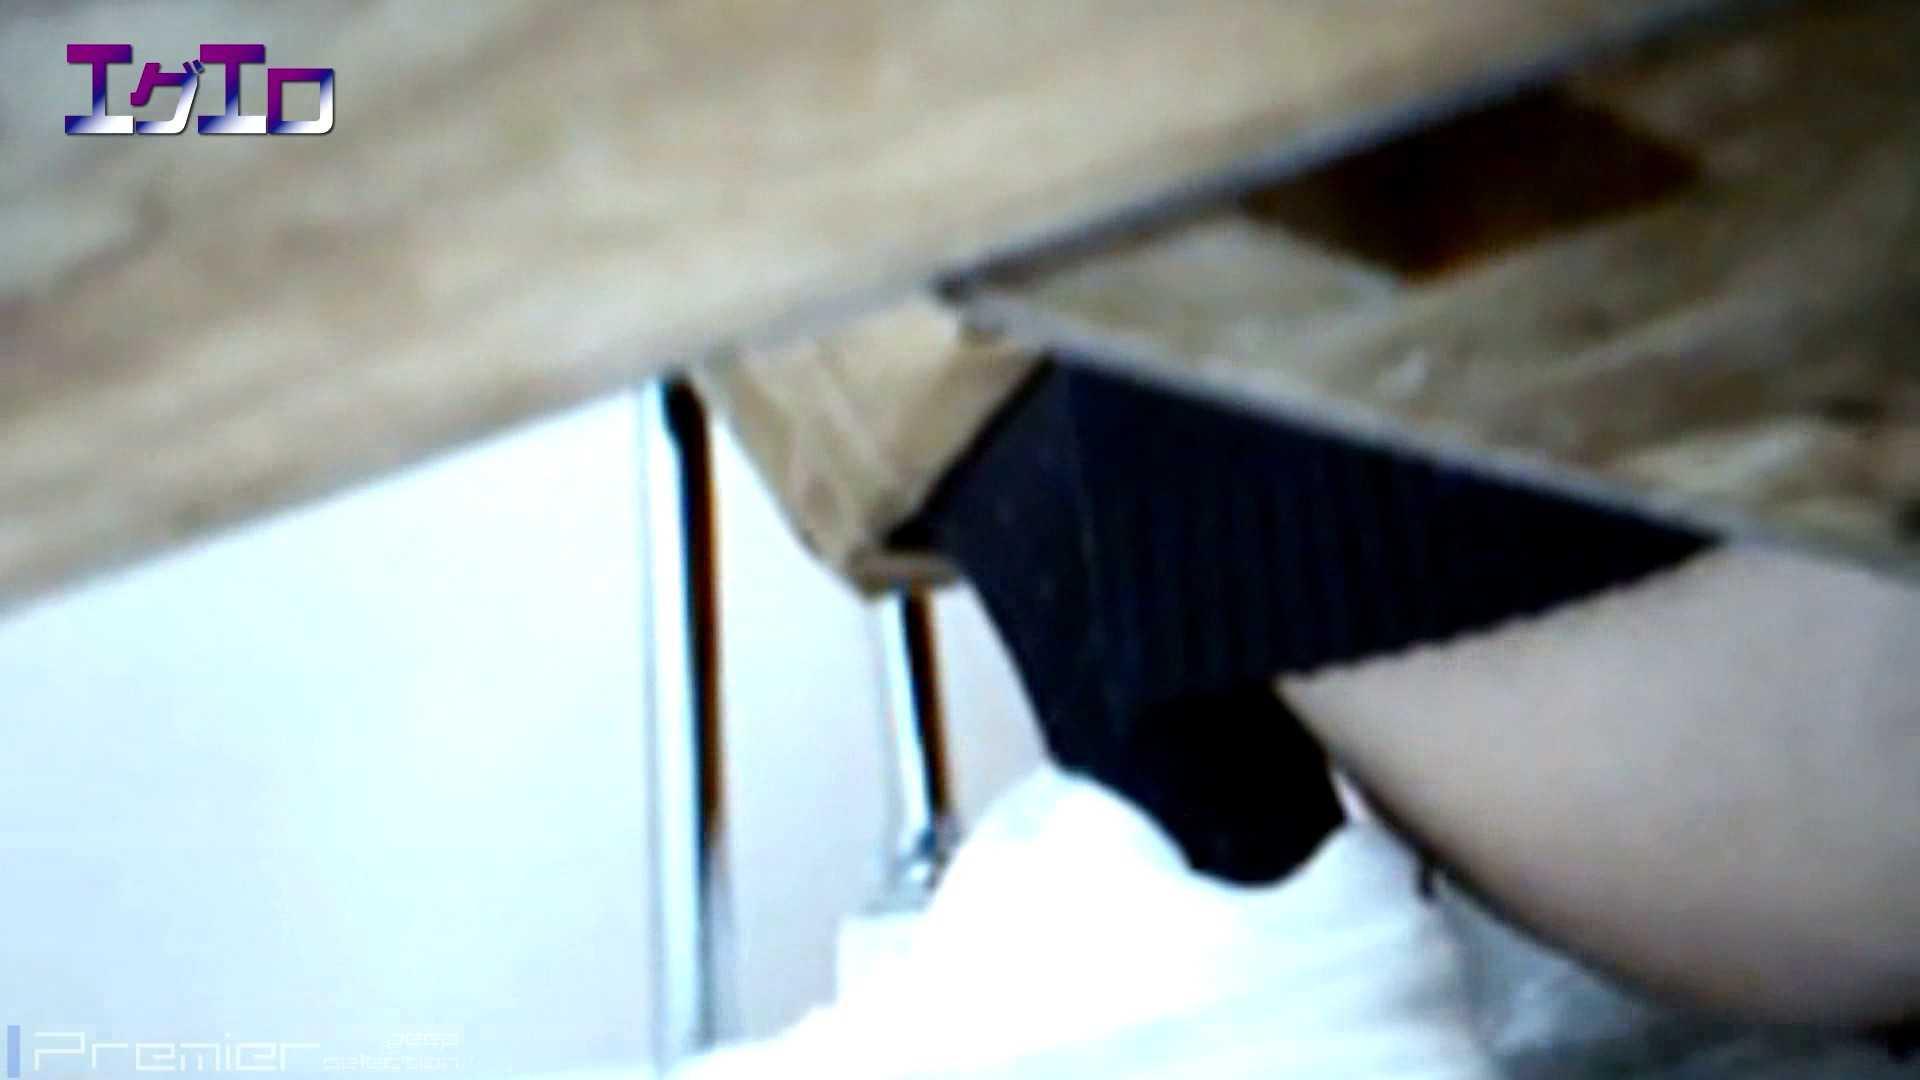 至近距離洗面所 Vol.10ブルージーンズギャルの大放nyo OL | ギャル・コレクション  61連発 22